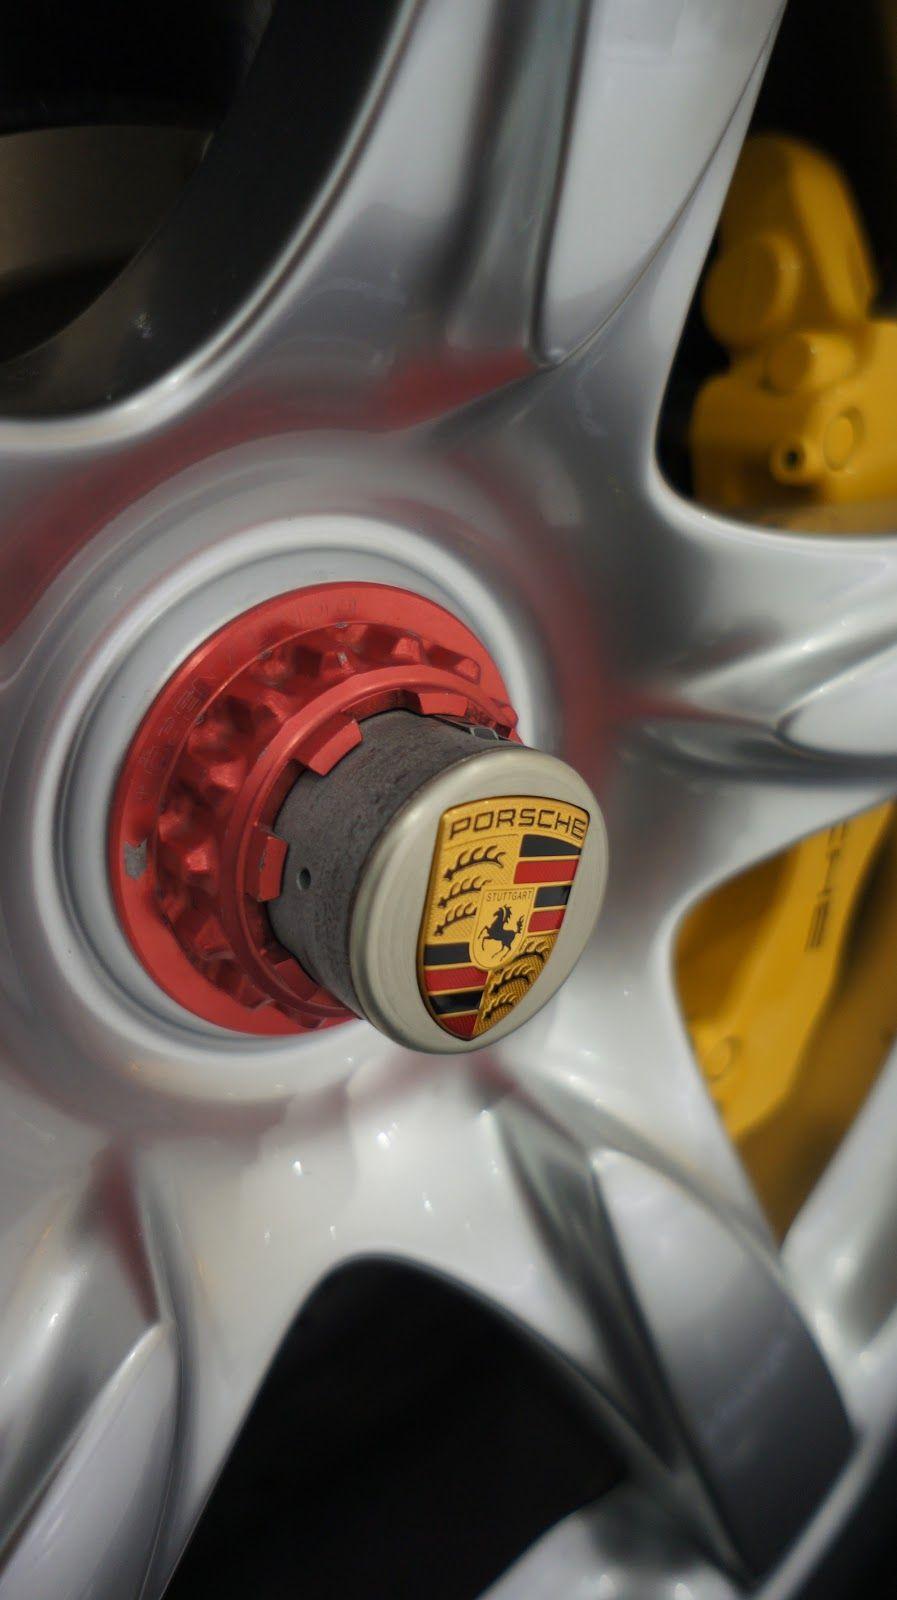 Porsche GT hub